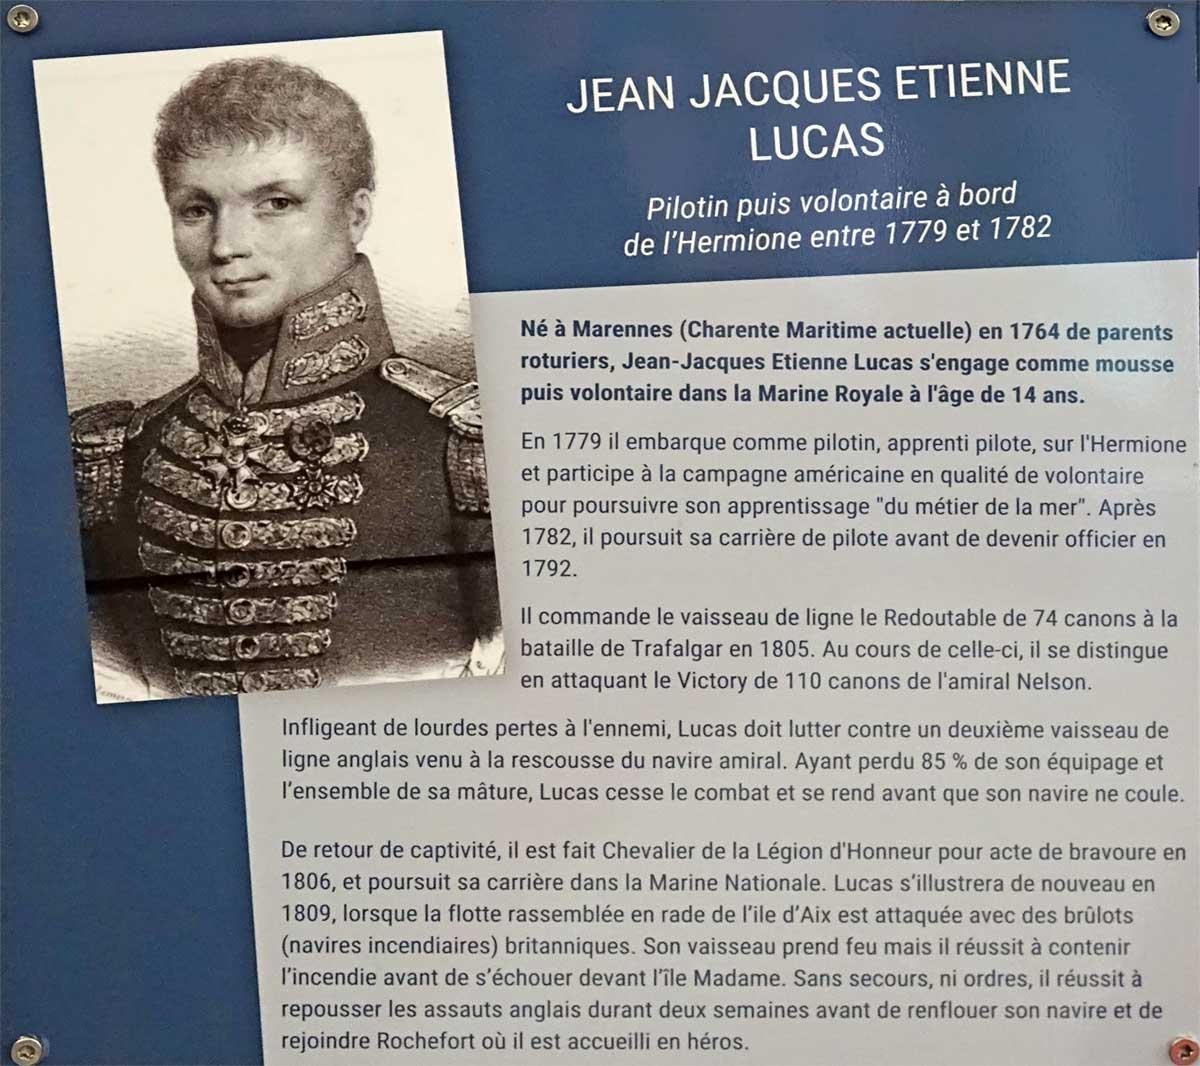 Jean-Jacques Etienne Lucas